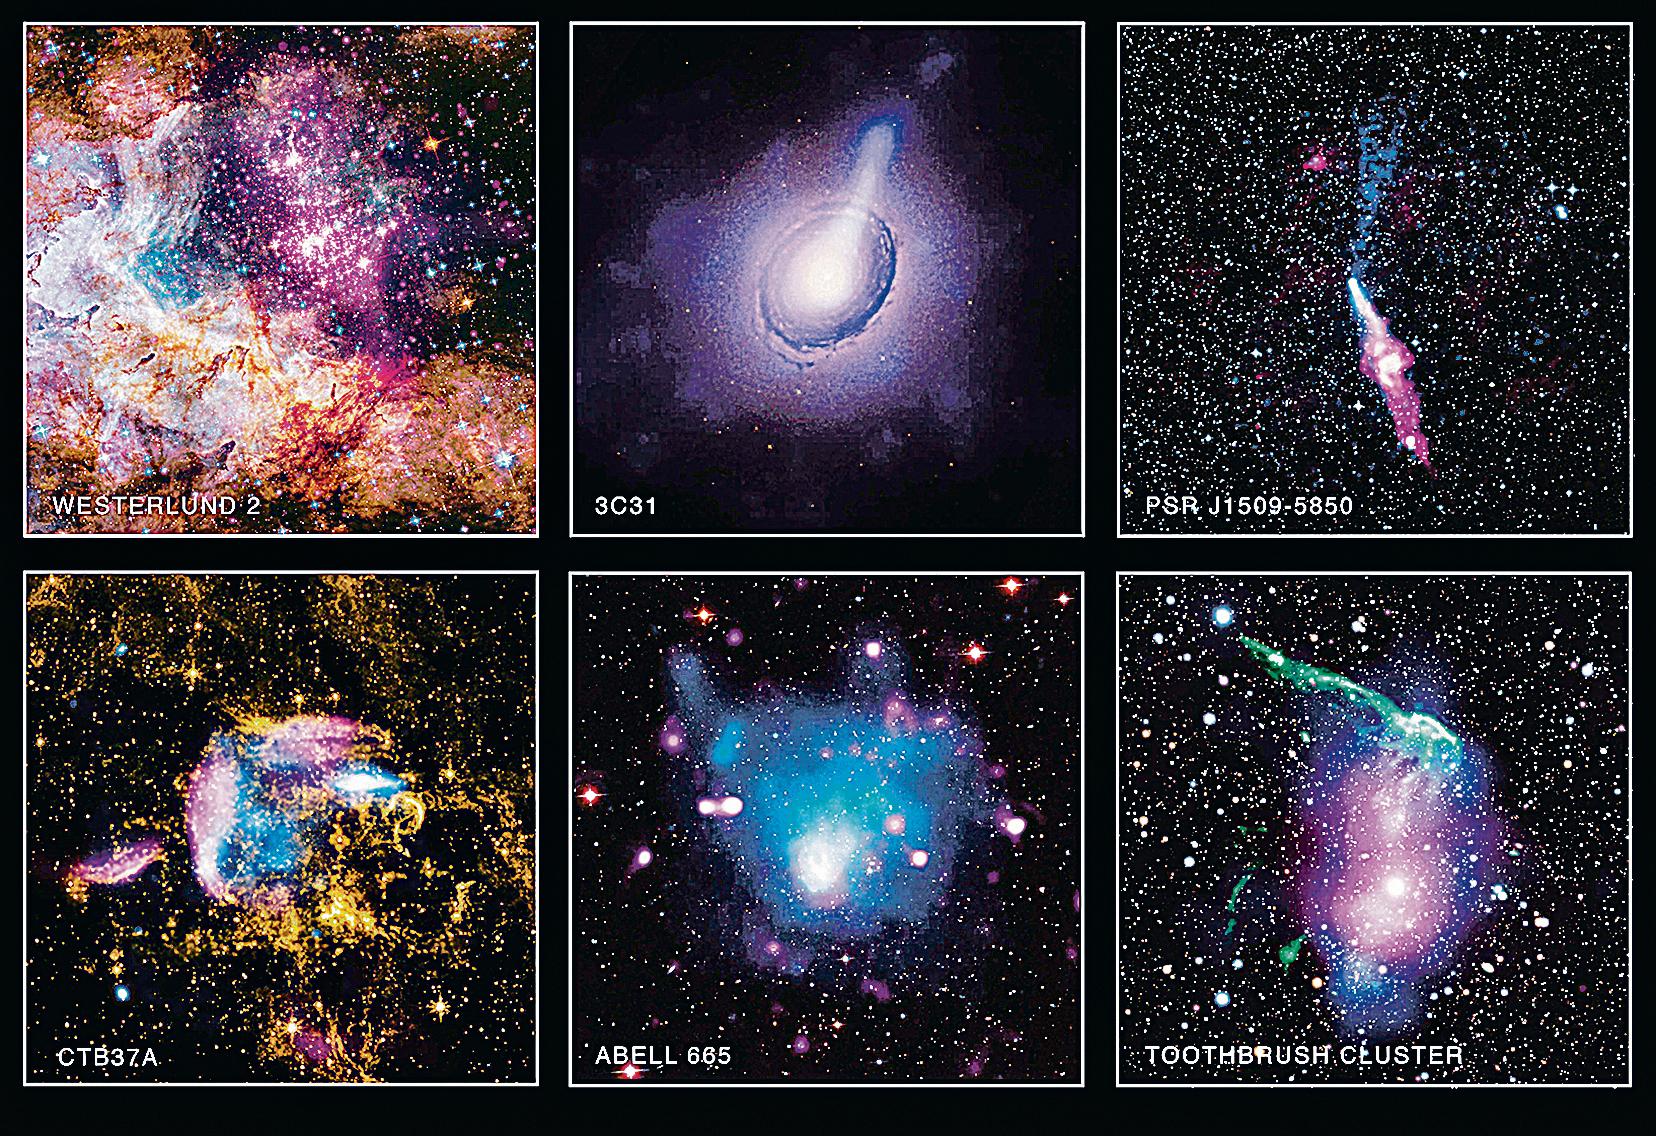 NASA發佈近期錢德拉X射線望遠鏡觀測天文景象圖,展示肉眼不可能看見的壯觀天體結構。(NASA)